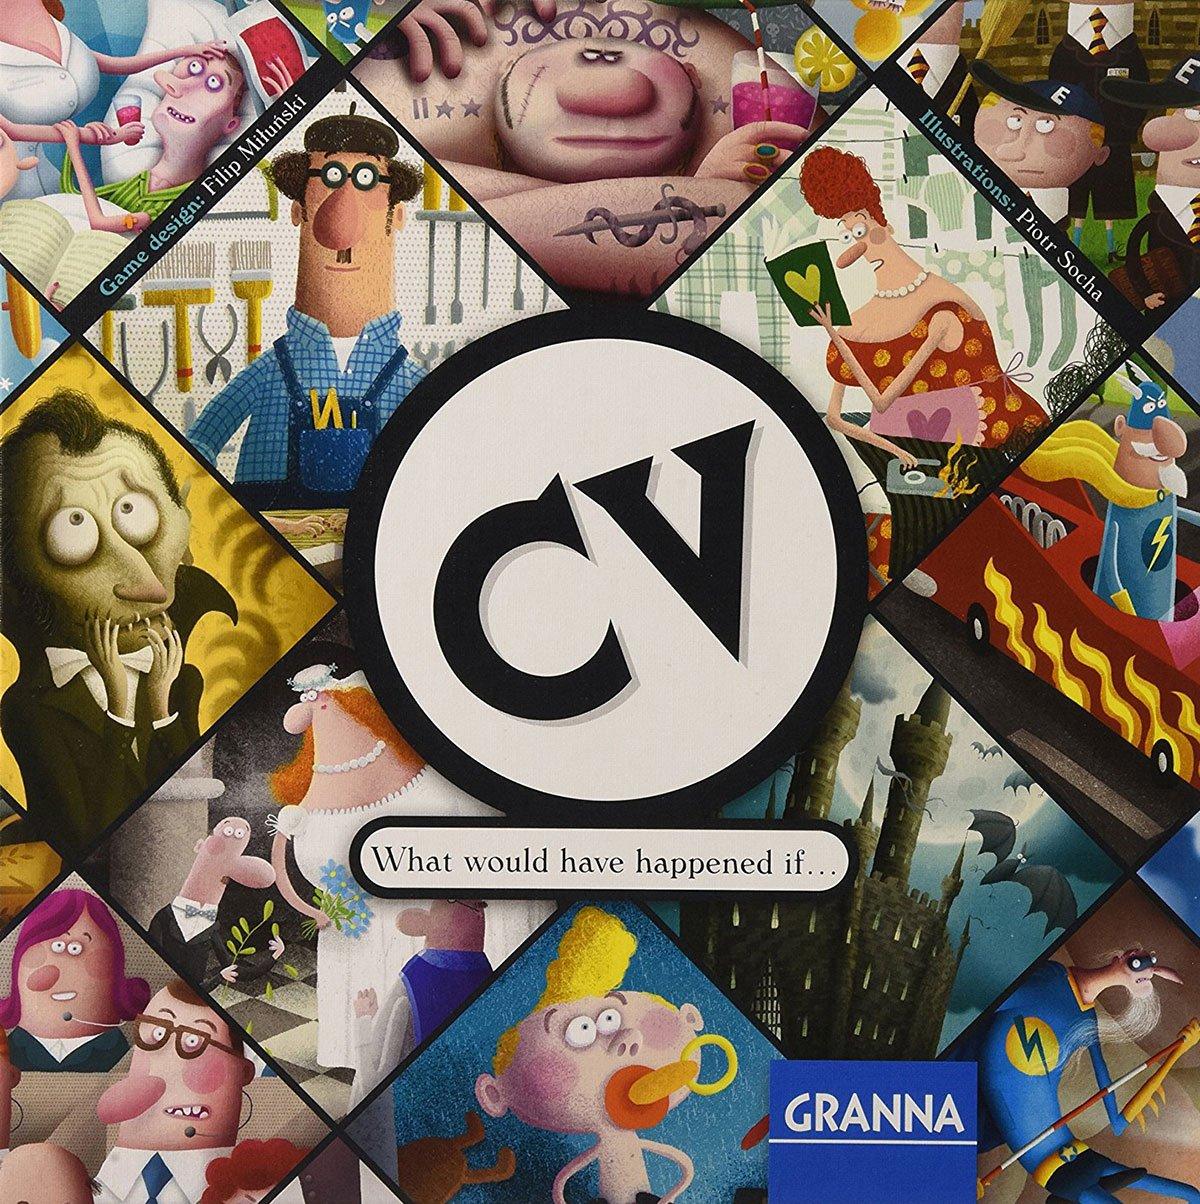 cv-game